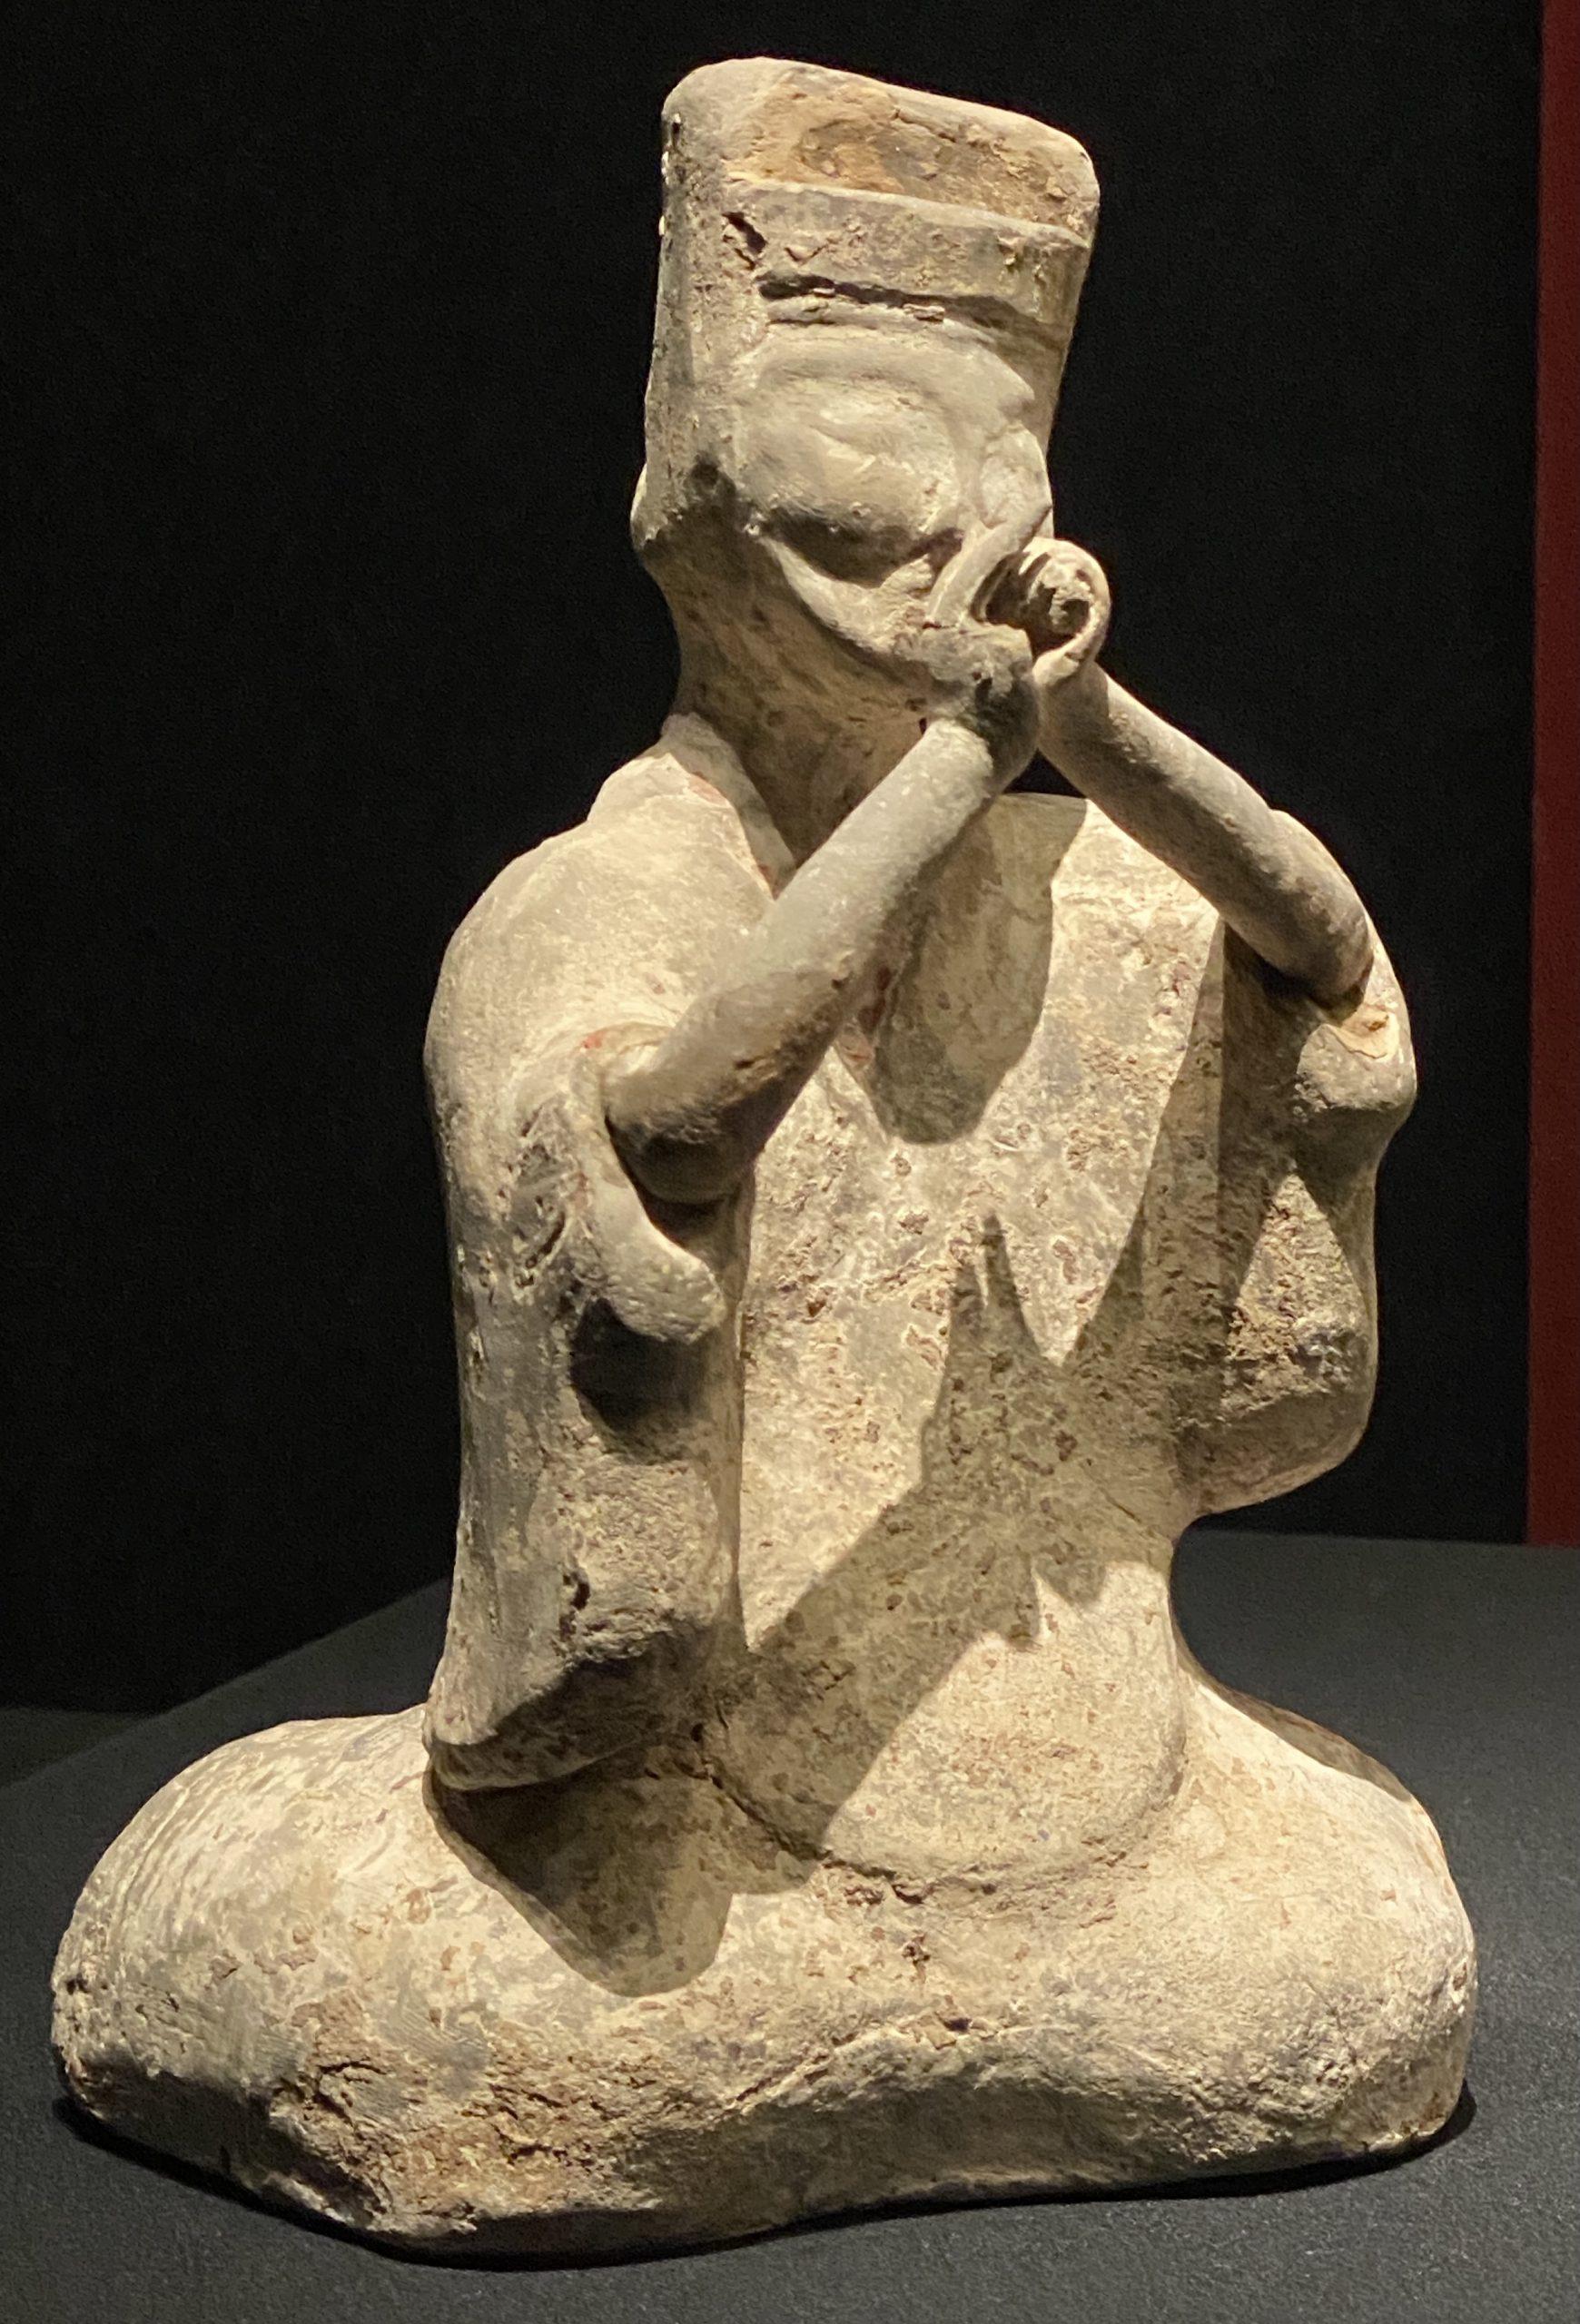 彩絵陶伎楽俑-【列備五都-秦漢時代の中国都市】-成都博物館-四川成都